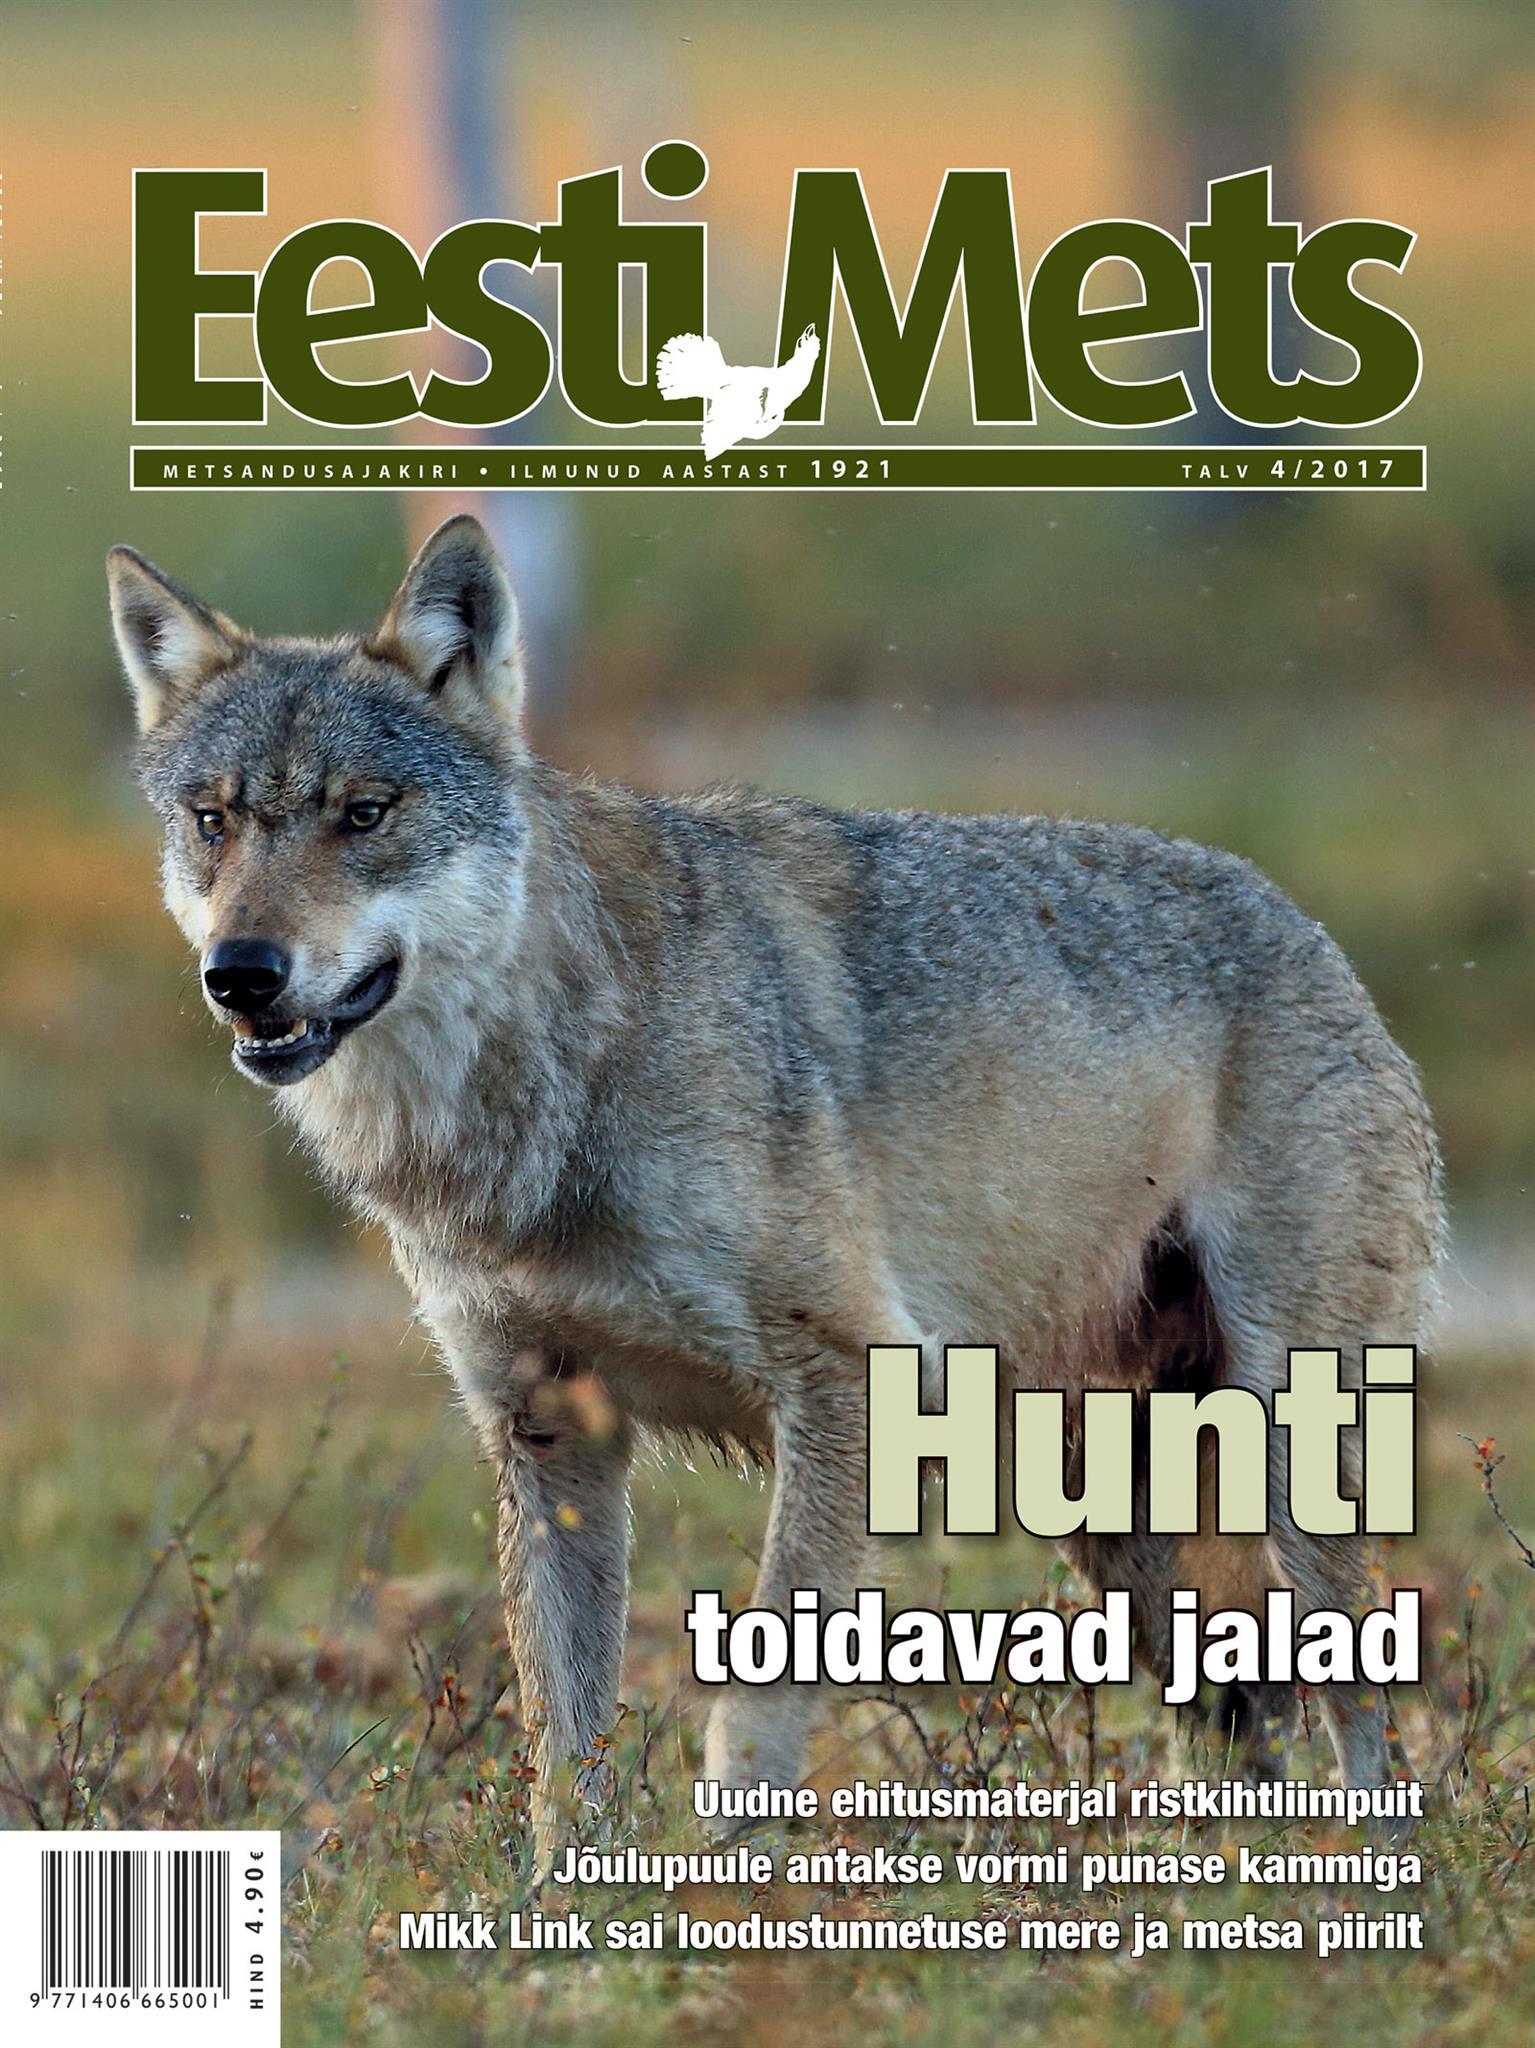 Ajakirja Eesti Mets kättesaadavus on paranenud